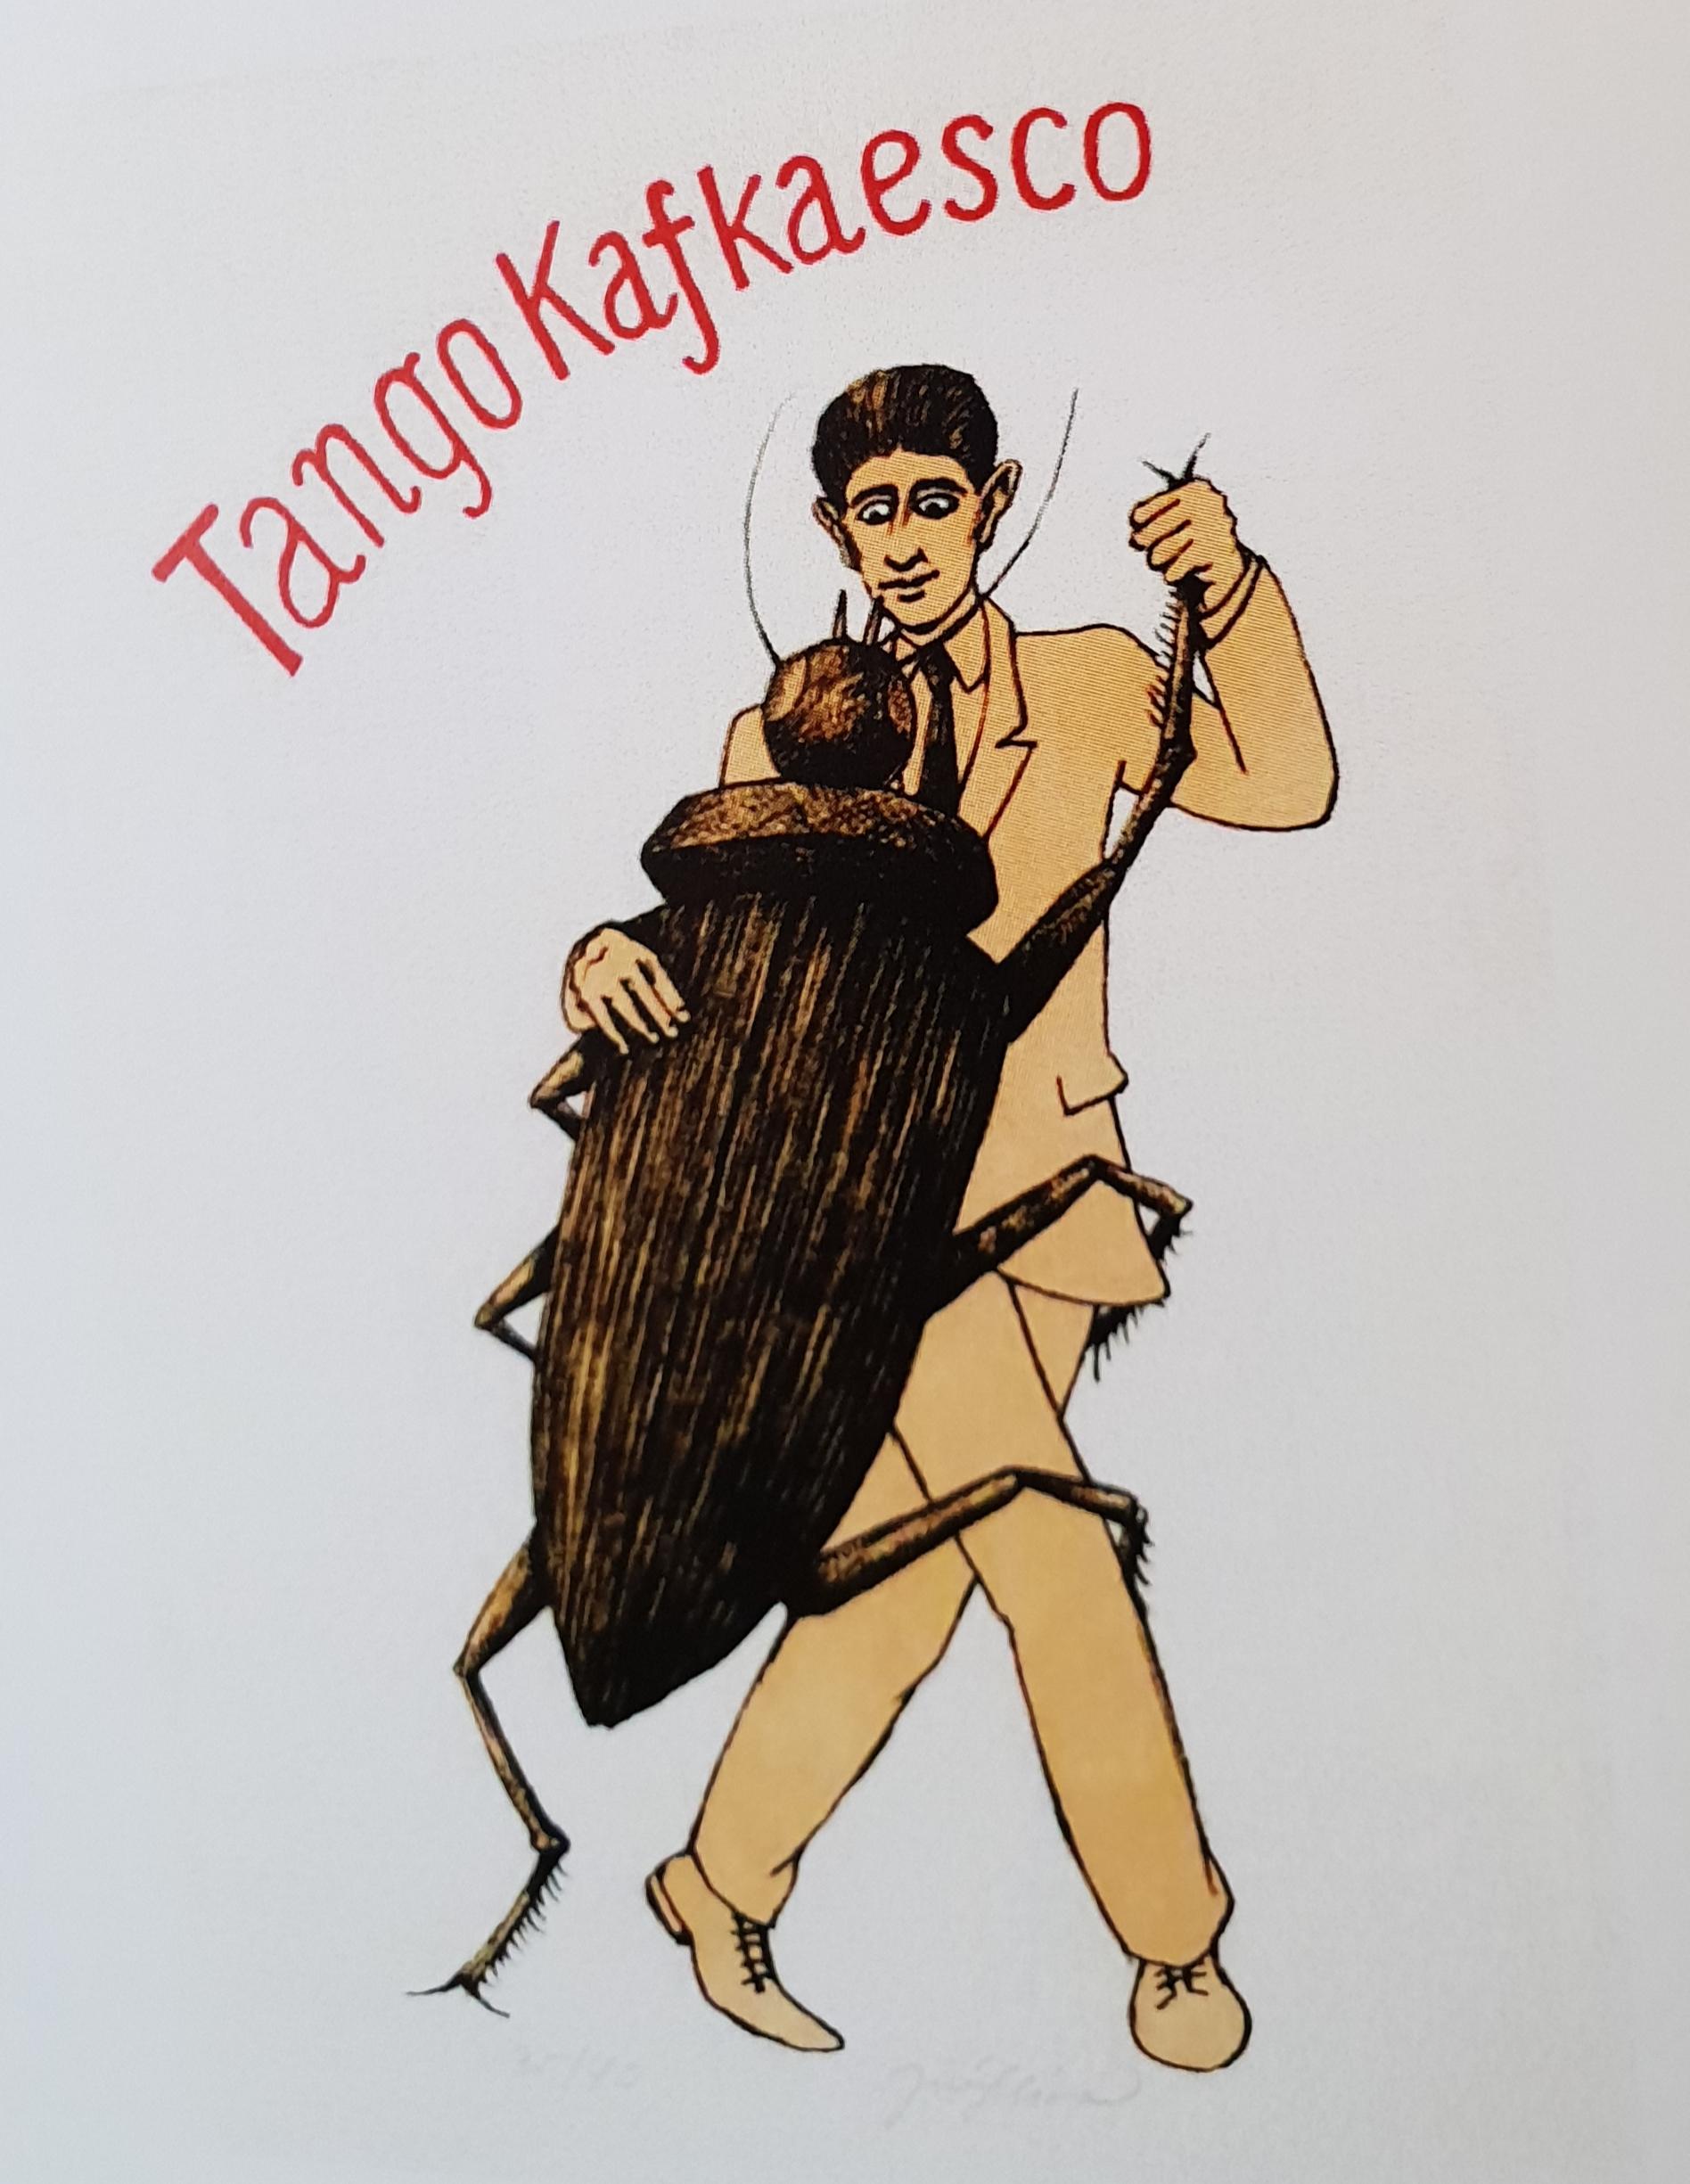 TANGO KAFKAESCO